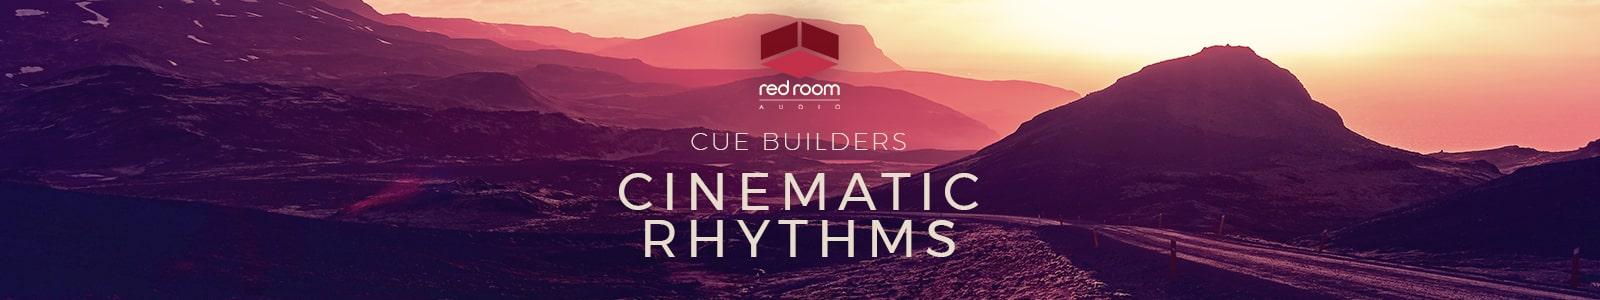 cue builders cinematic rhythms